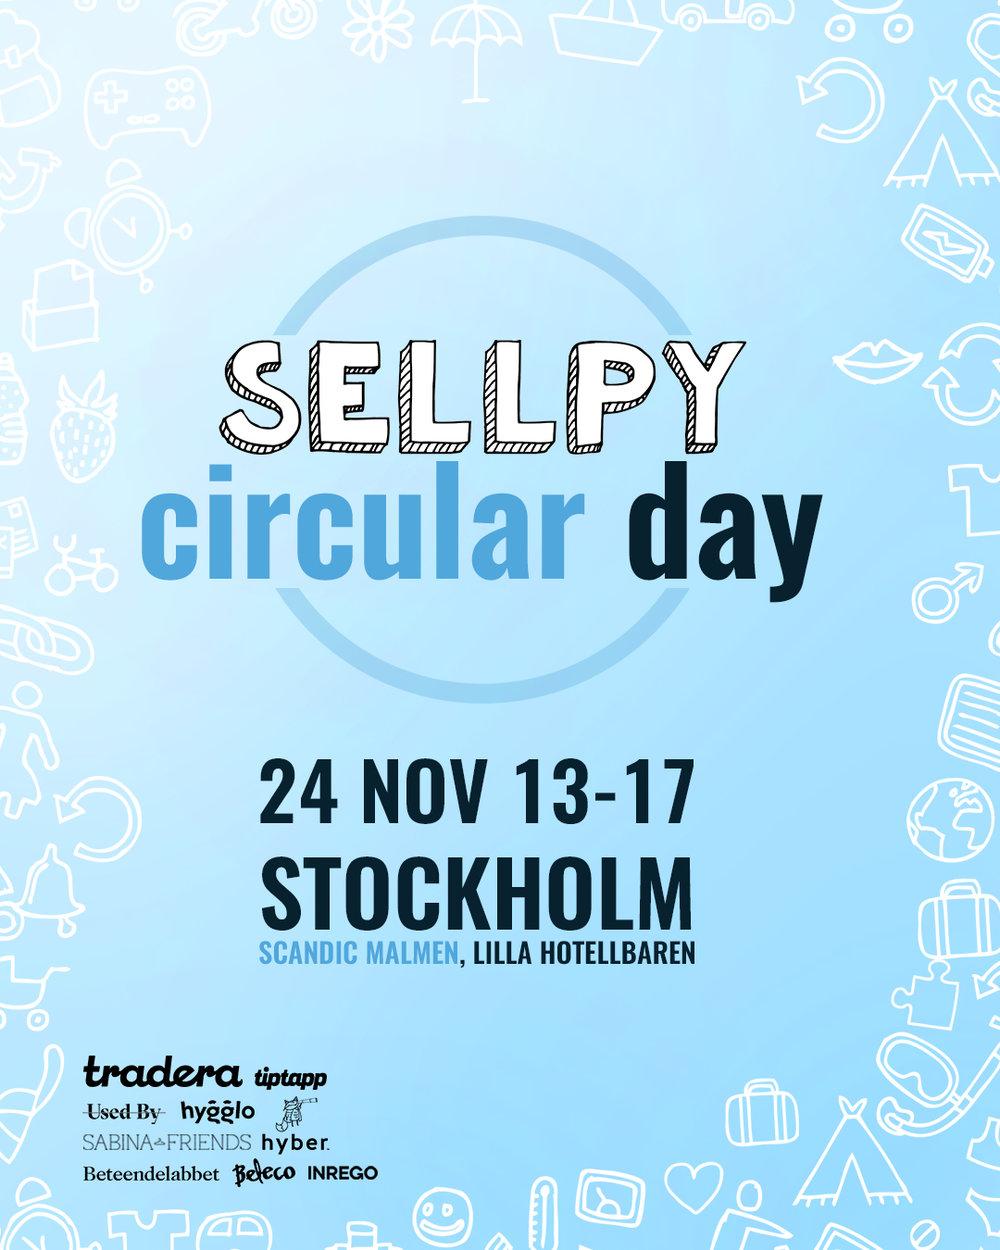 Circular_day_IG.jpg